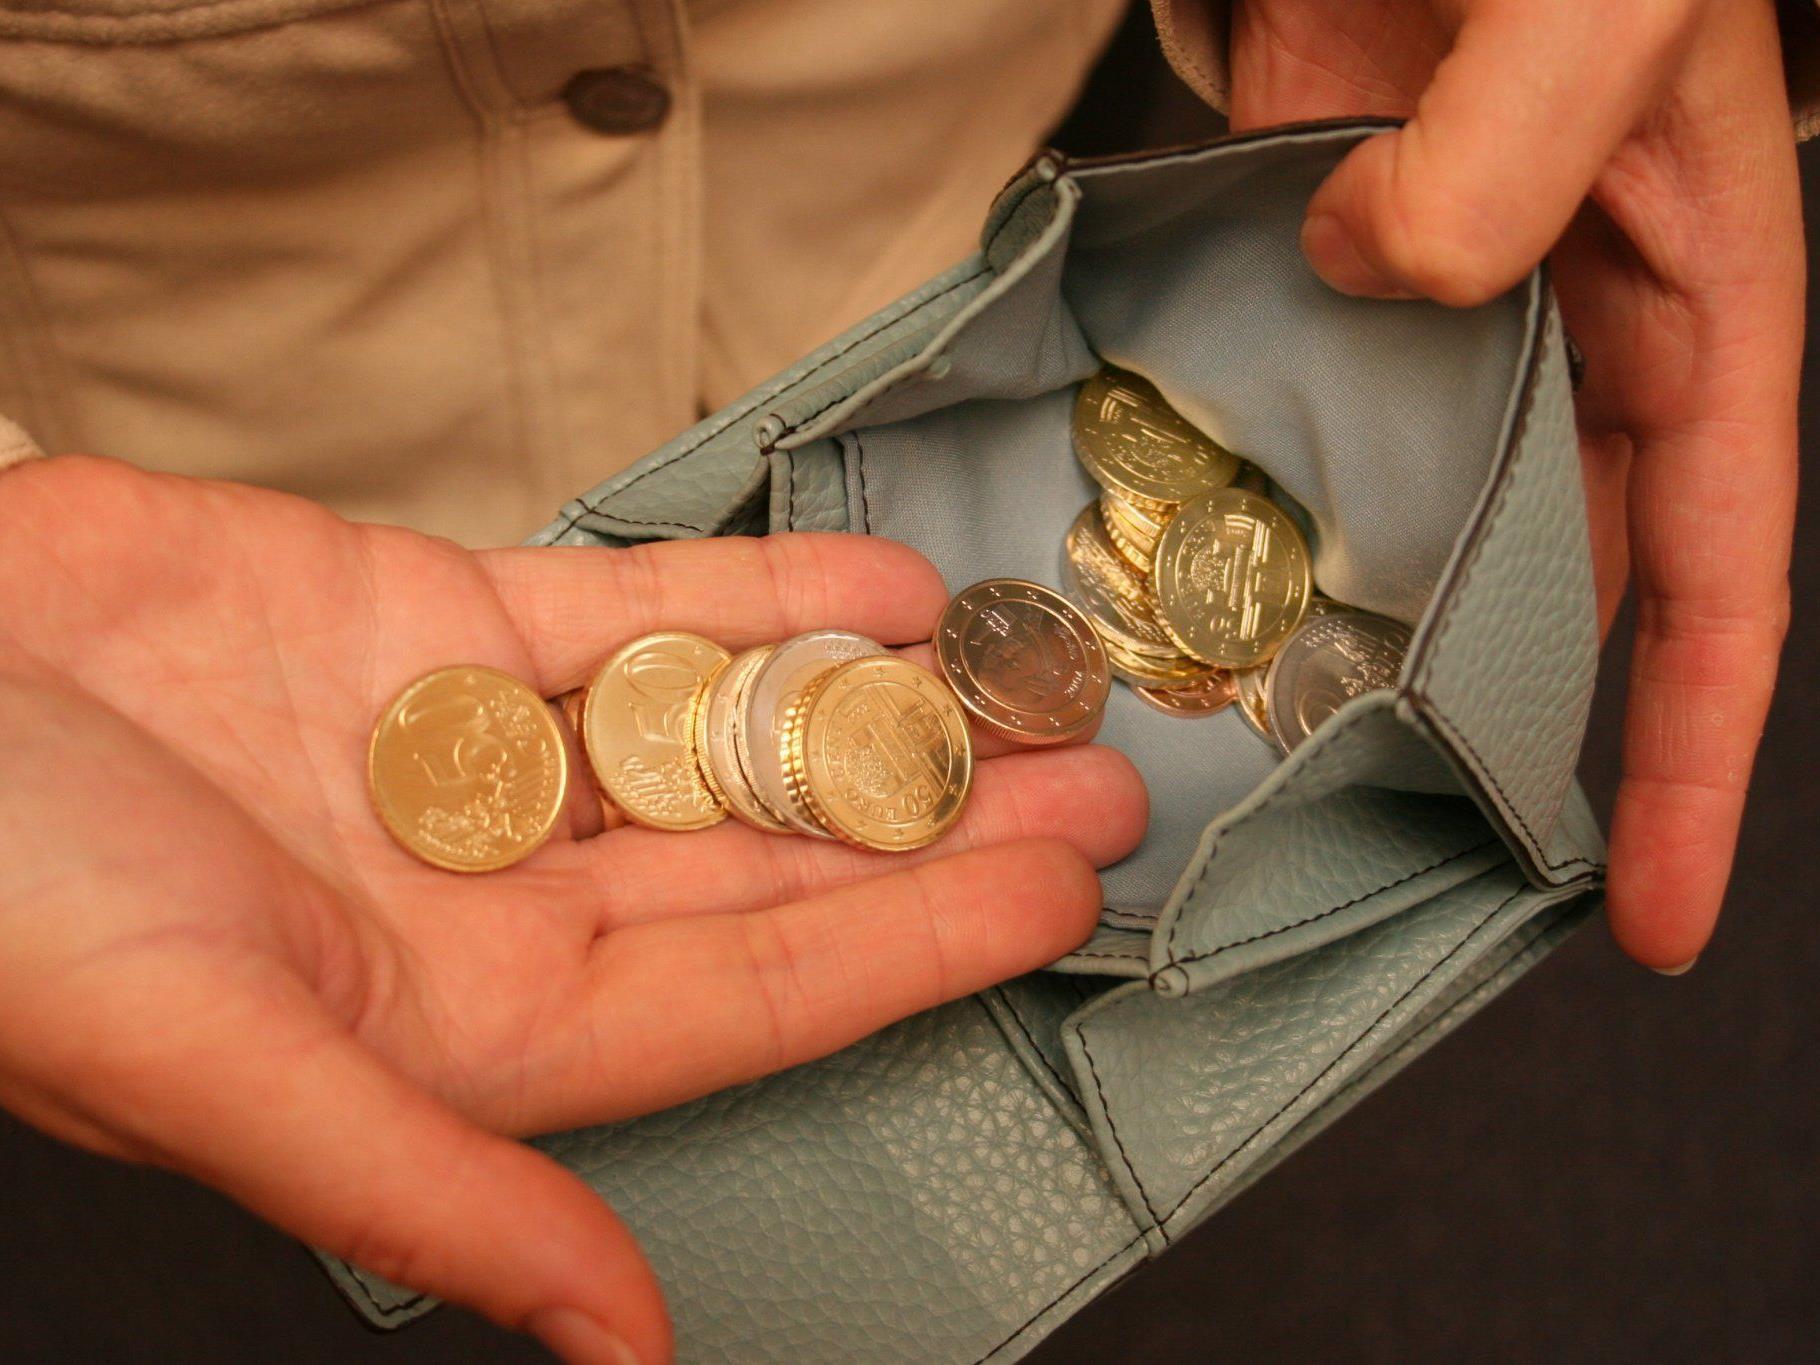 Kleinbeträge fehlten immer wieder in den Geldbörsen der Heimbewohner.